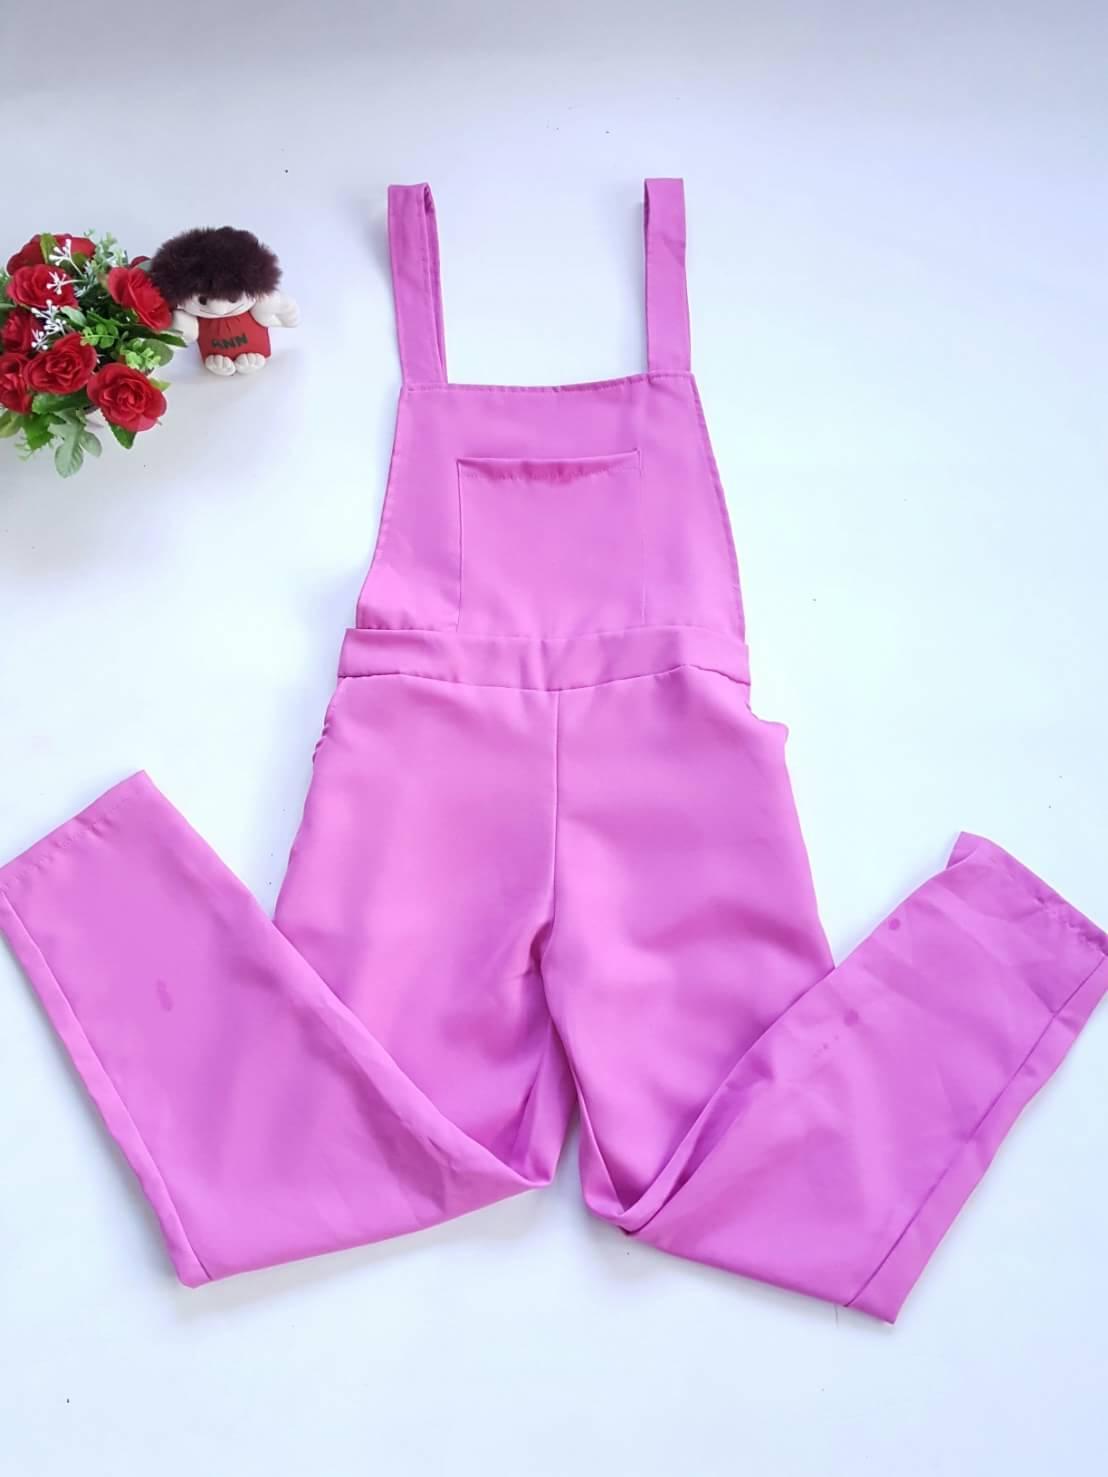 เอี๊ยมกางเกงขายาวผ้าโซล่อน สม๊อคเอว สีชมพู